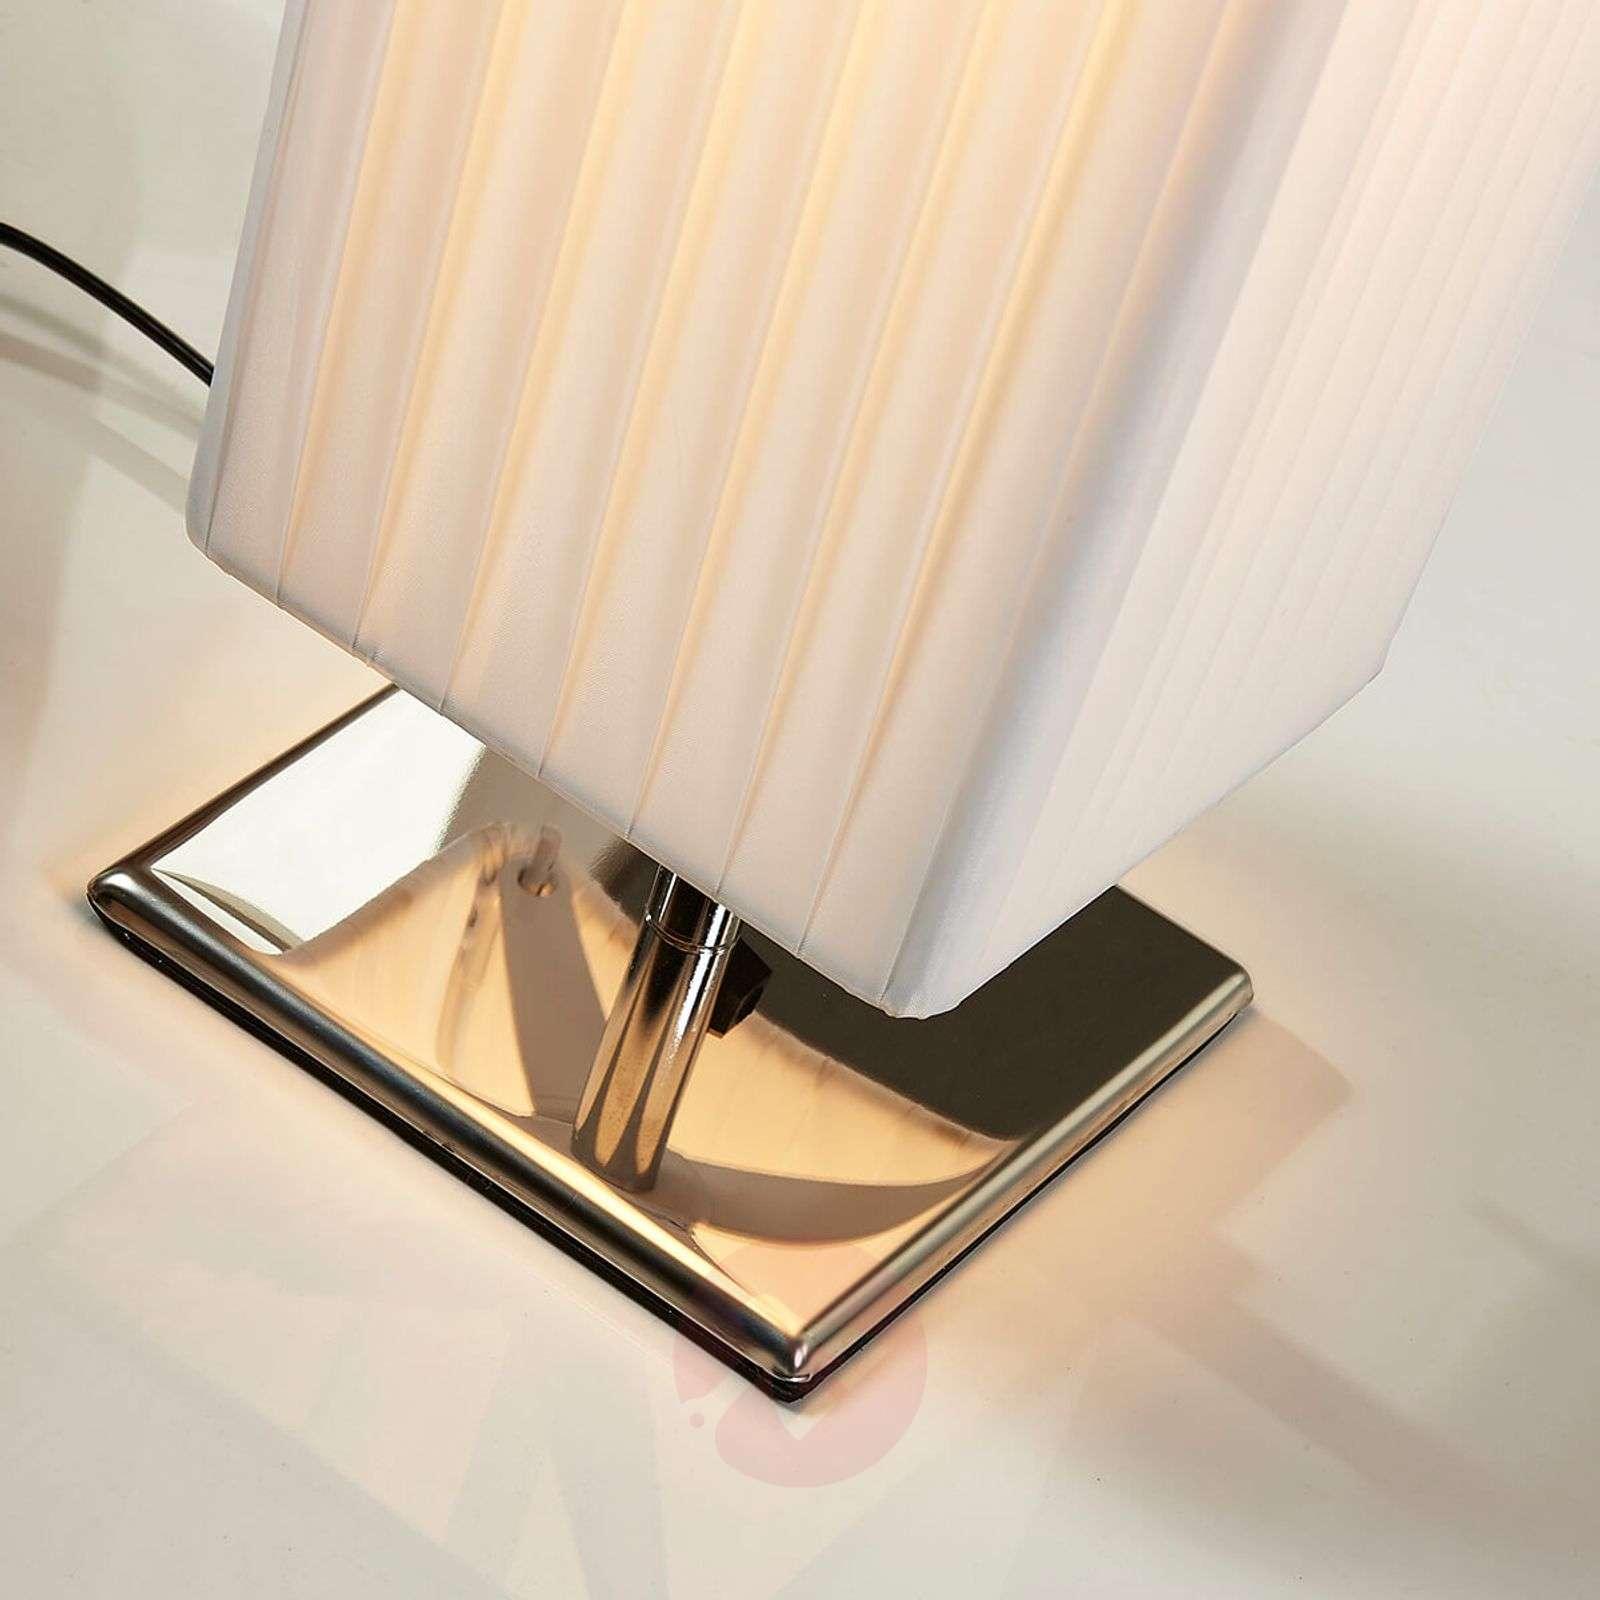 White fabric floor lamp Janno-9621055-02